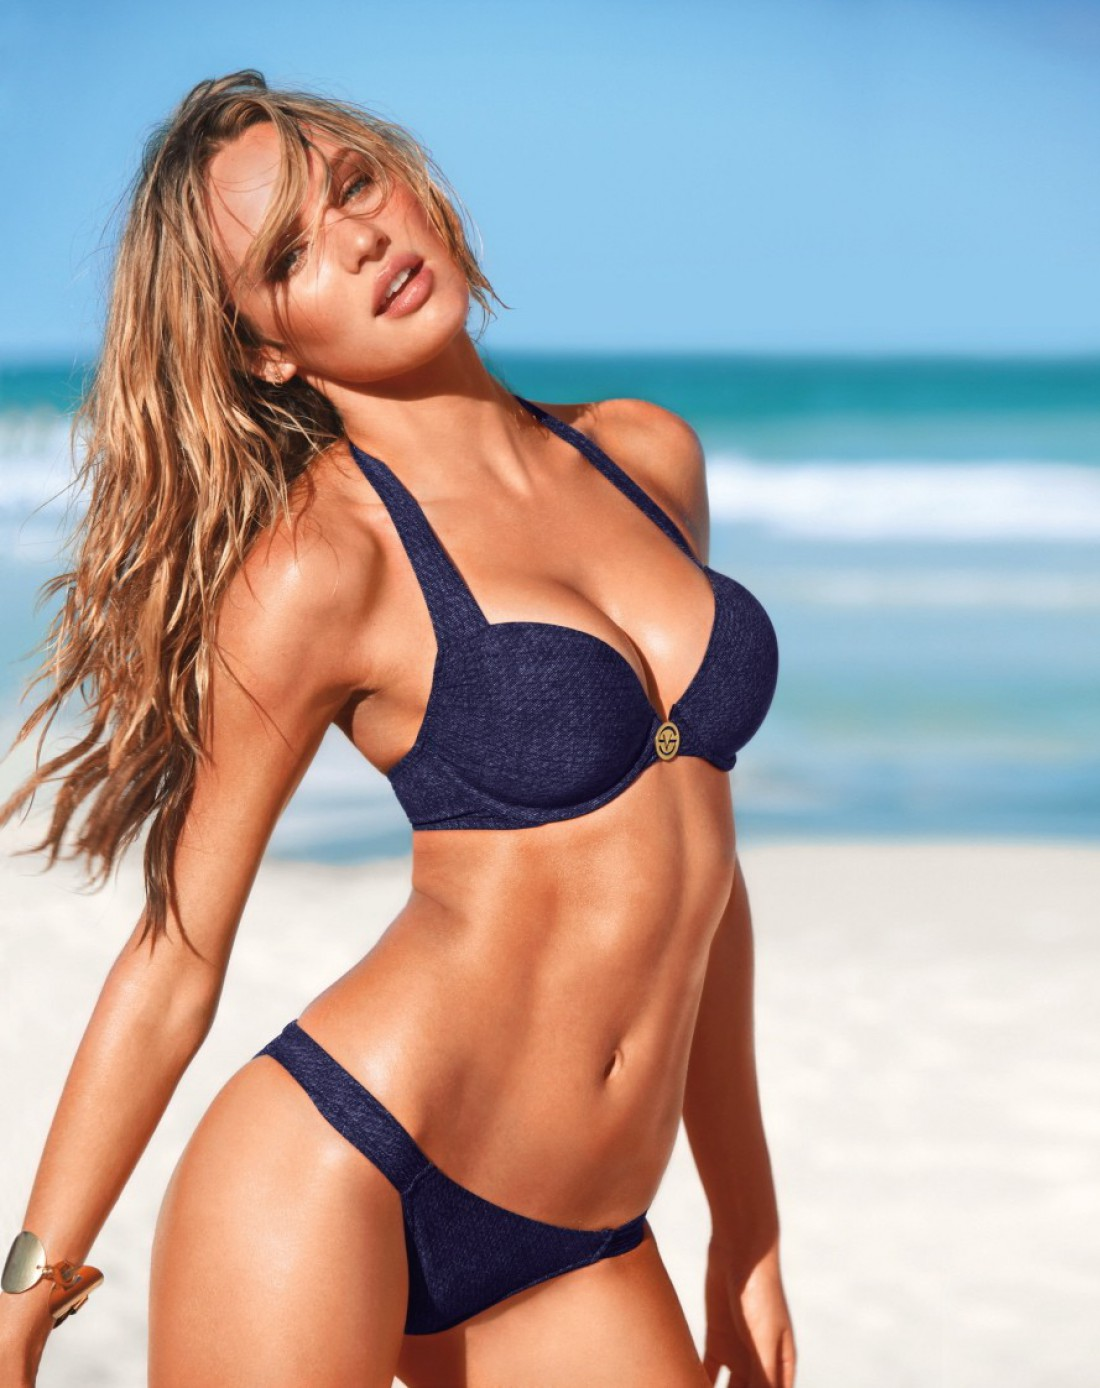 5d8a5fd4e109a Бренд Victoria's Secret больше не будет выпускать купальники - IVONA ...